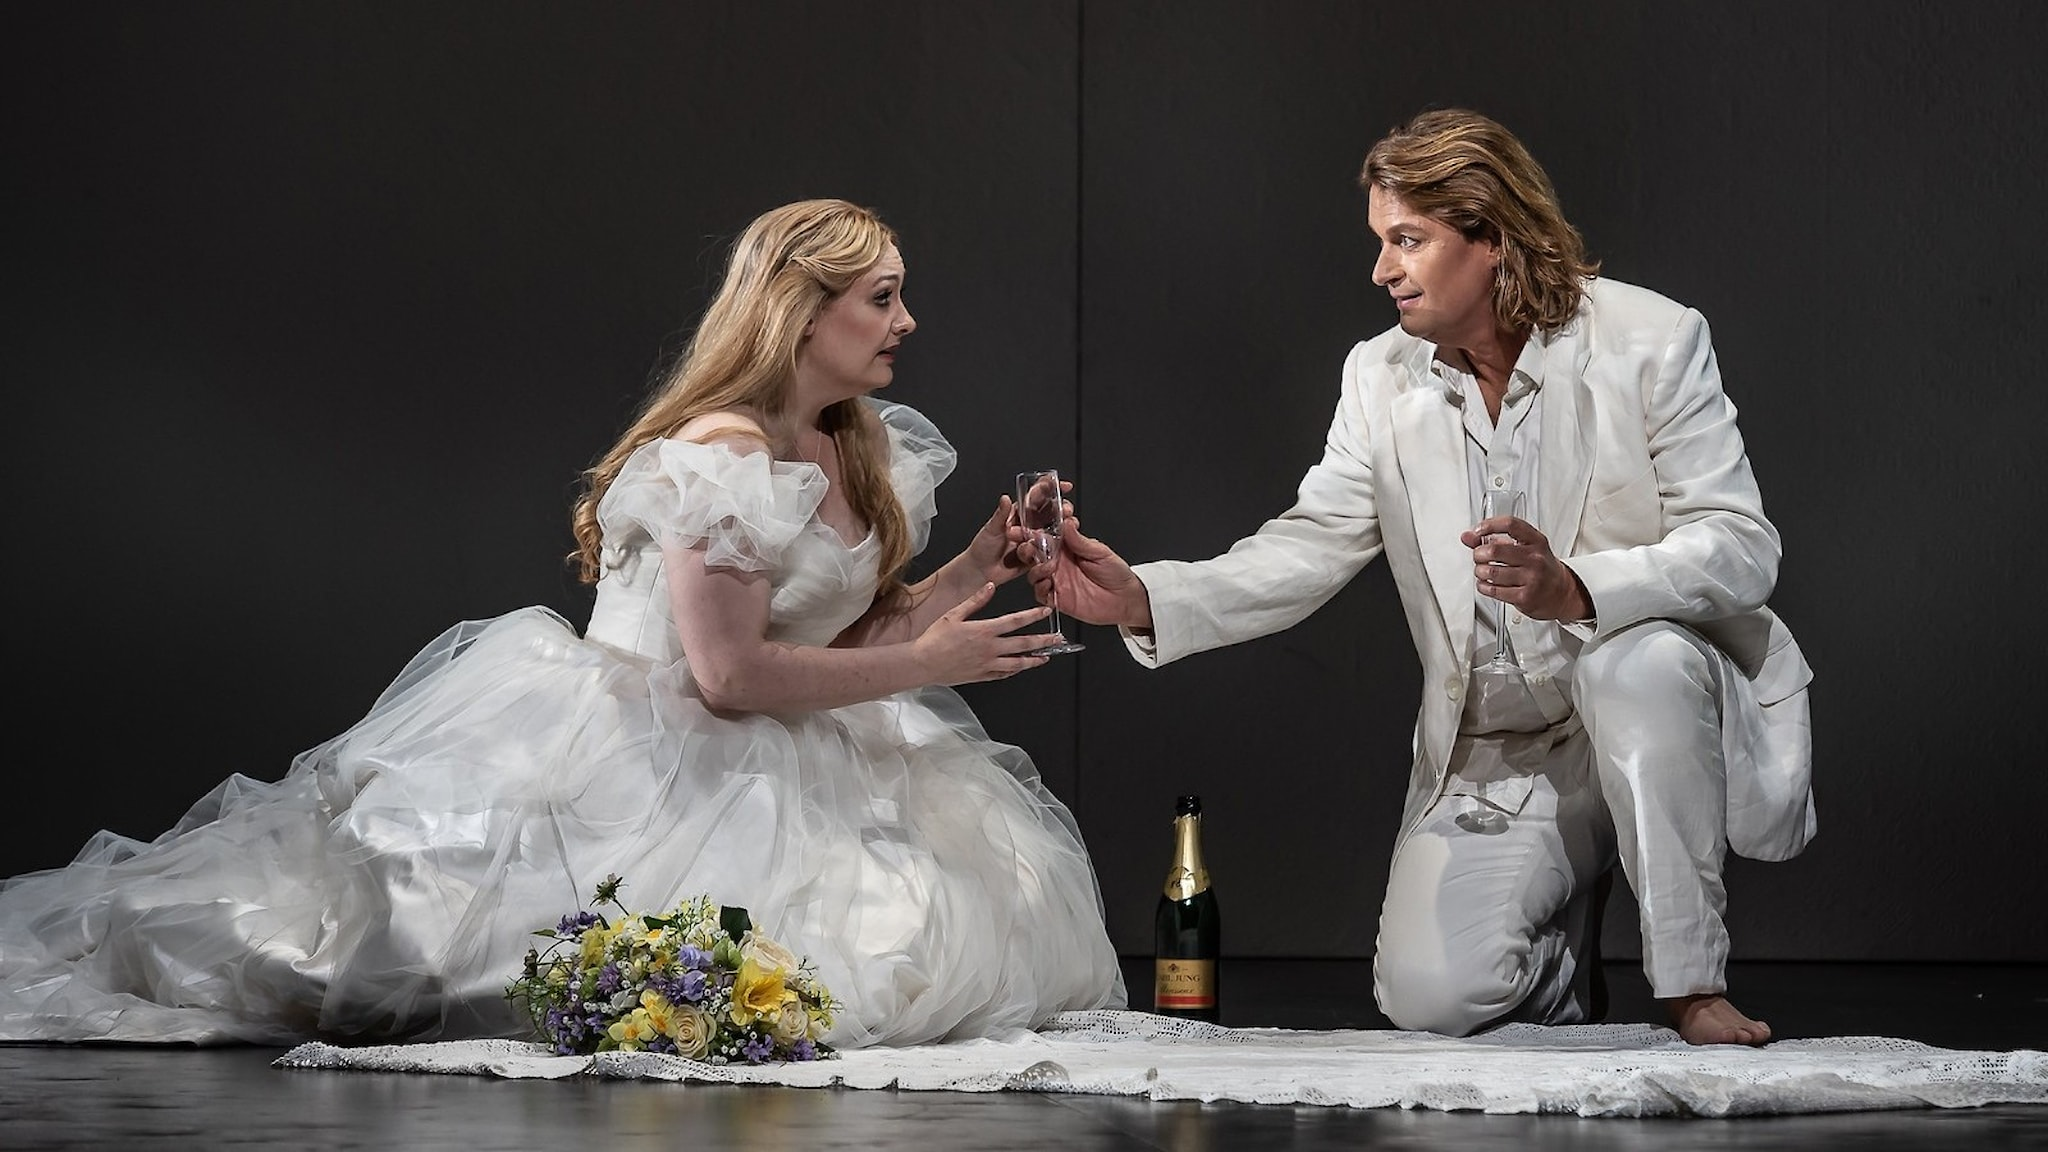 Jennifer Davis och Klaus Florian Vogt i rollerna som Elsa och Lohengrin. Foto: Clive Barda/ROH